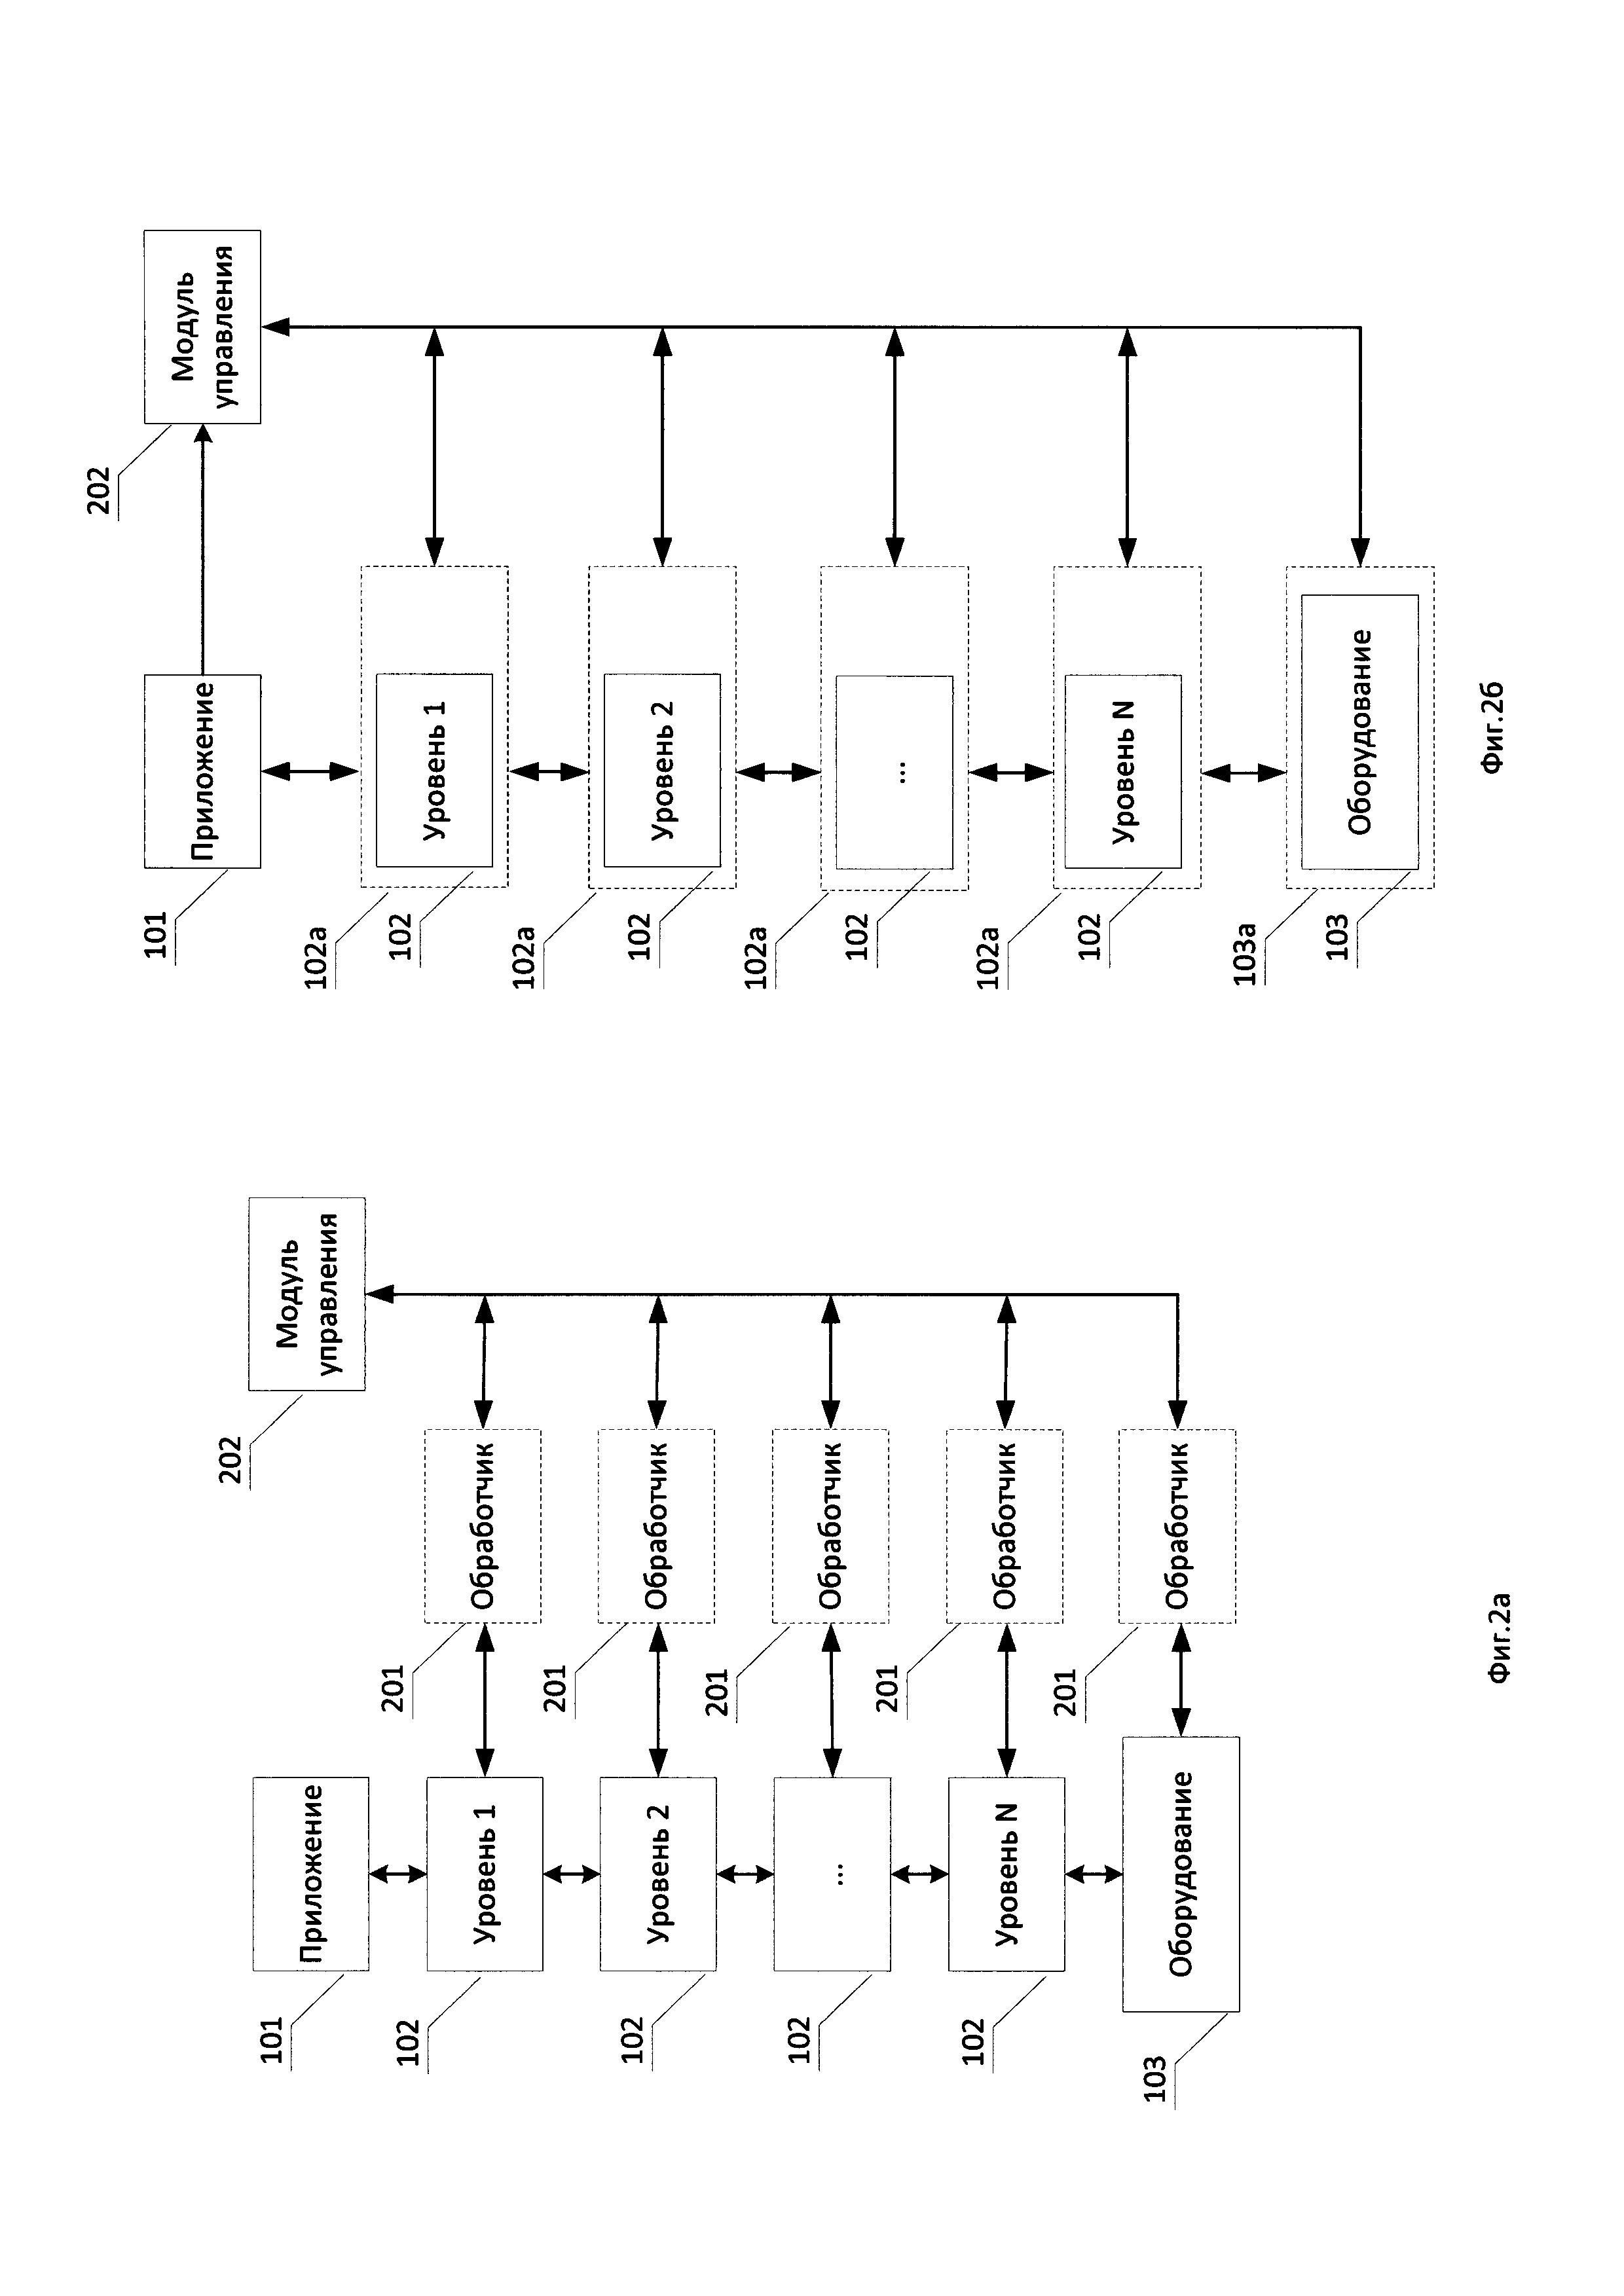 Способ создания сценария популярных событий активации